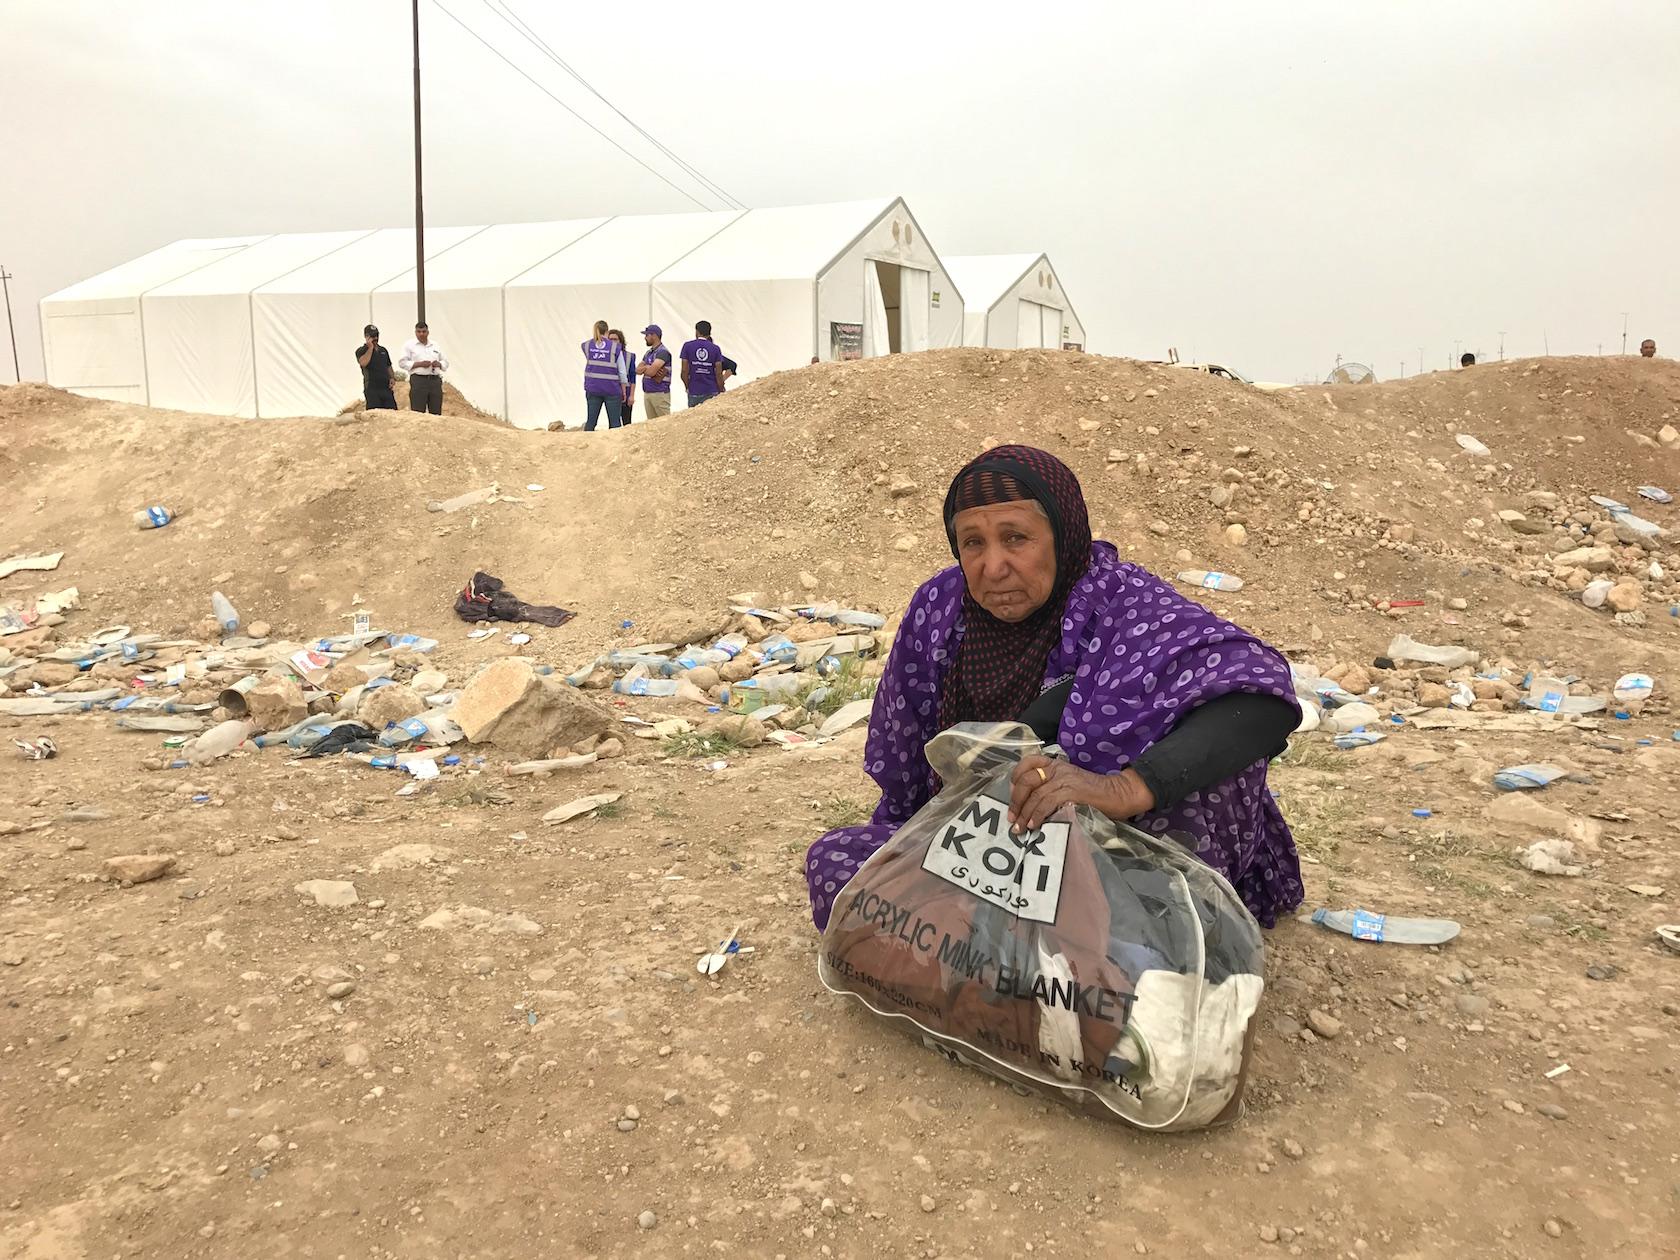 यह महिला भी मोसुल के पश्चिमी इलाके से ही ताल्लुक रखती है. लेकिन इतनी थक चुकी है कि बात भी नहीं कर सकती. फोटो क्रेडिट : सुप्रिया शर्मा